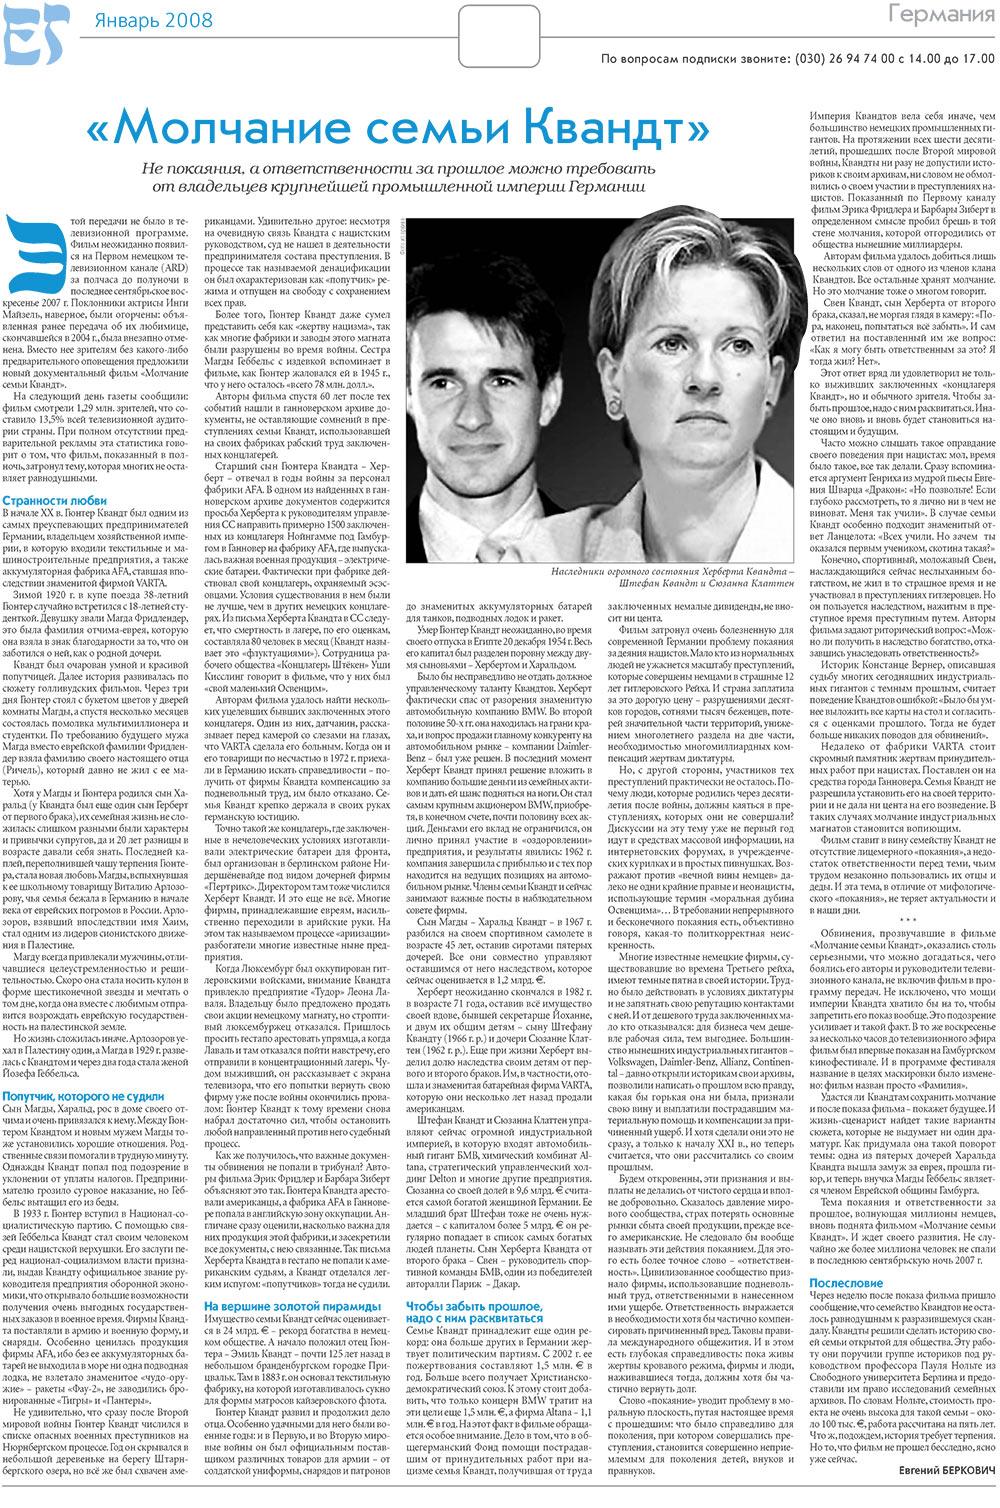 Еврейская газета (газета). 2008 год, номер 1, стр. 13